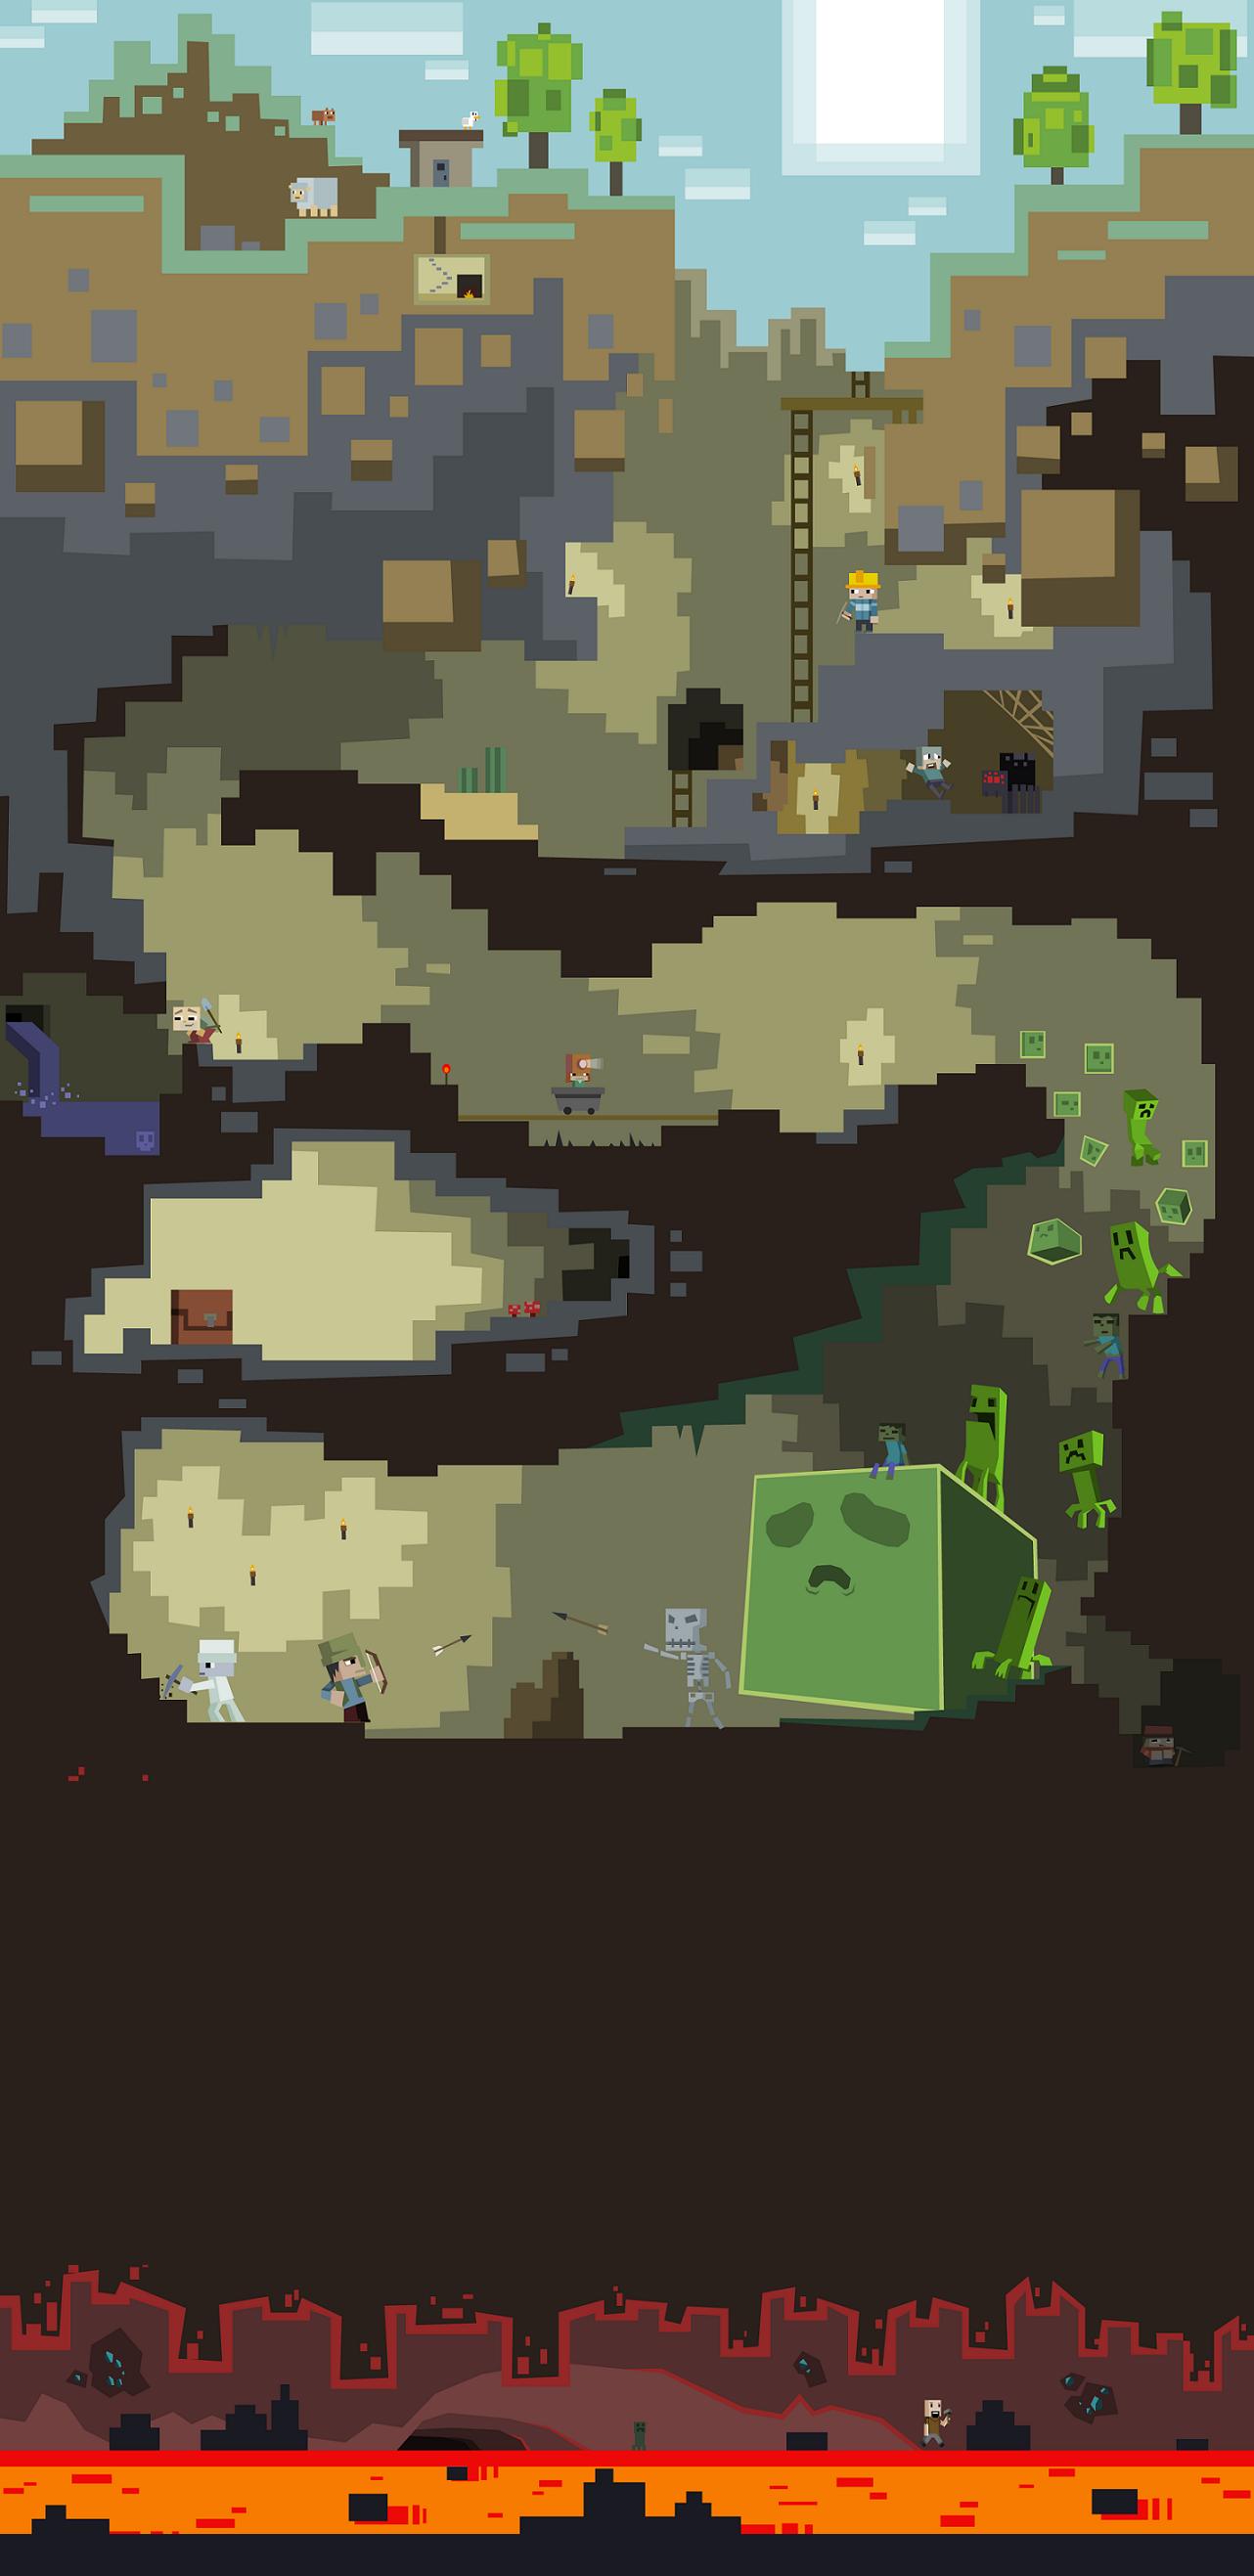 Дизайн для сайта minecraft